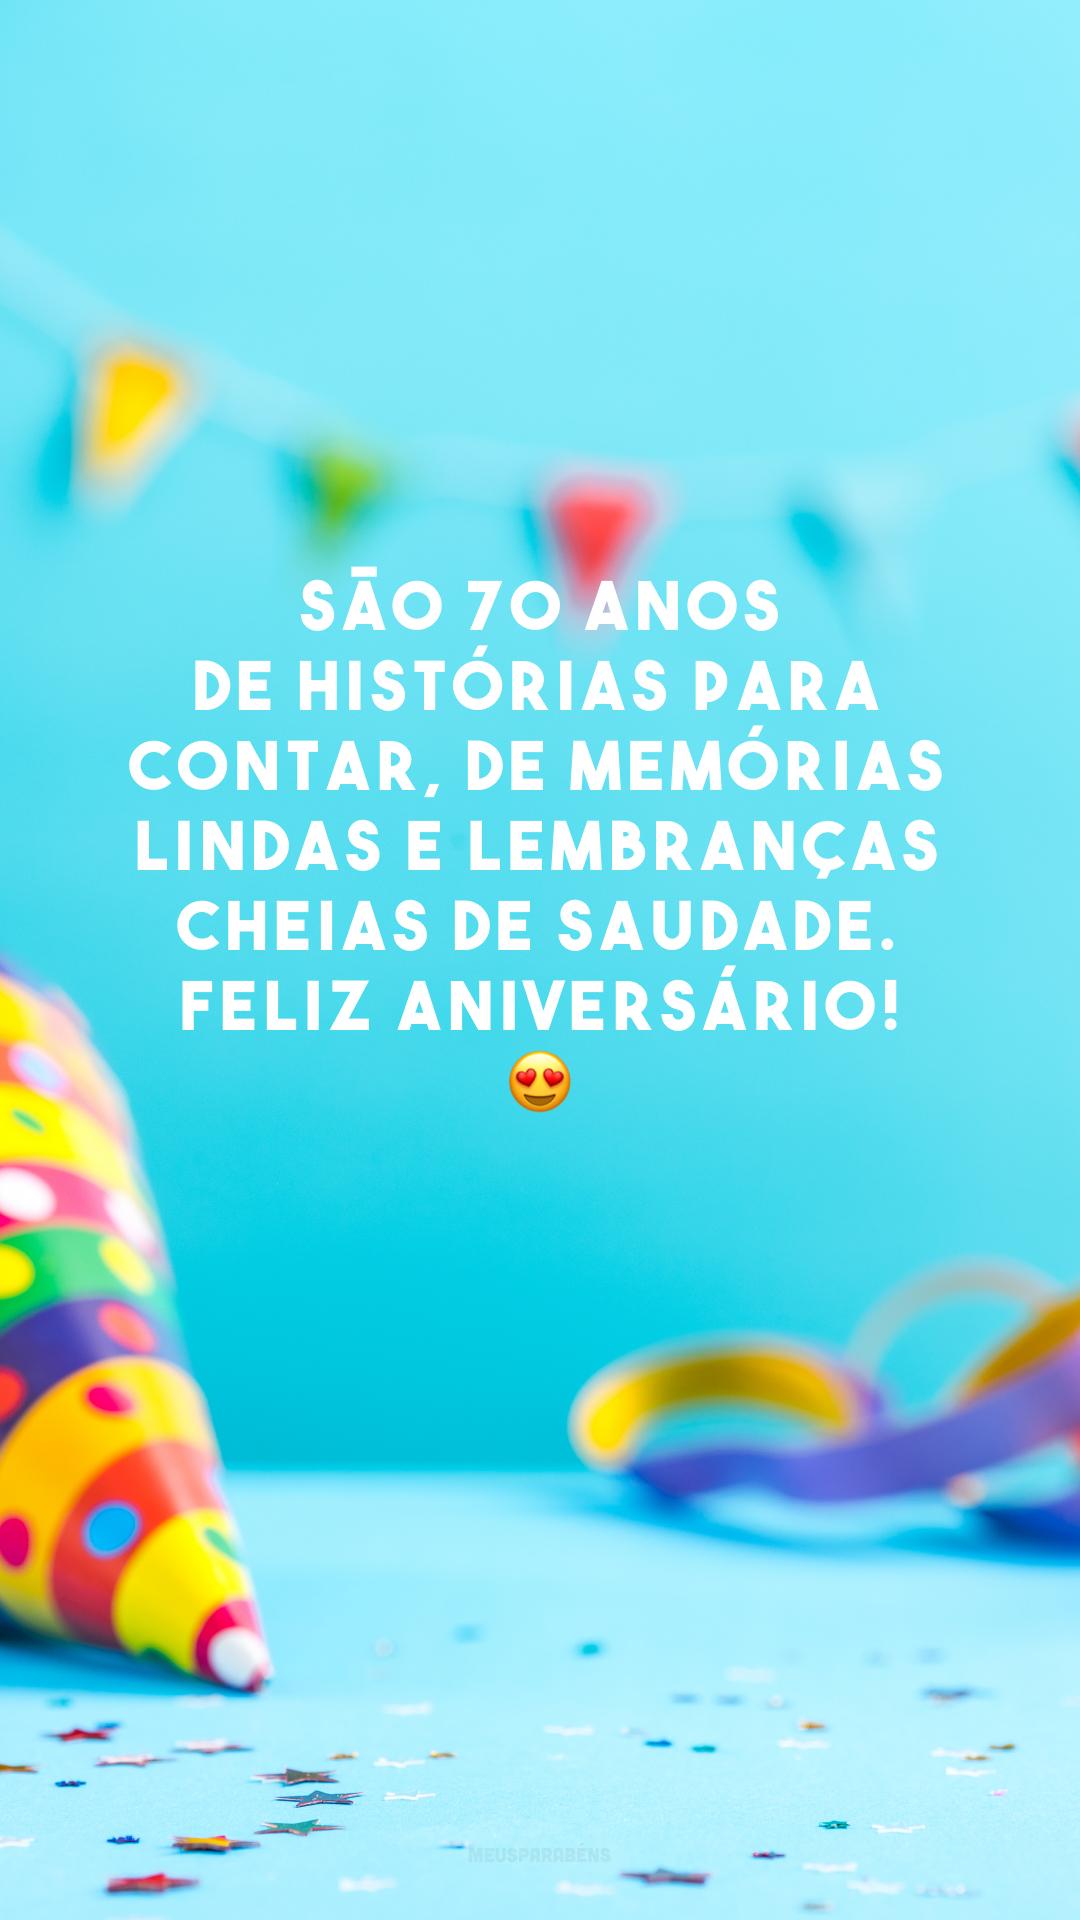 São 70 anos de histórias para contar, de memórias lindas e lembranças cheias de saudade. Feliz aniversário! 😍